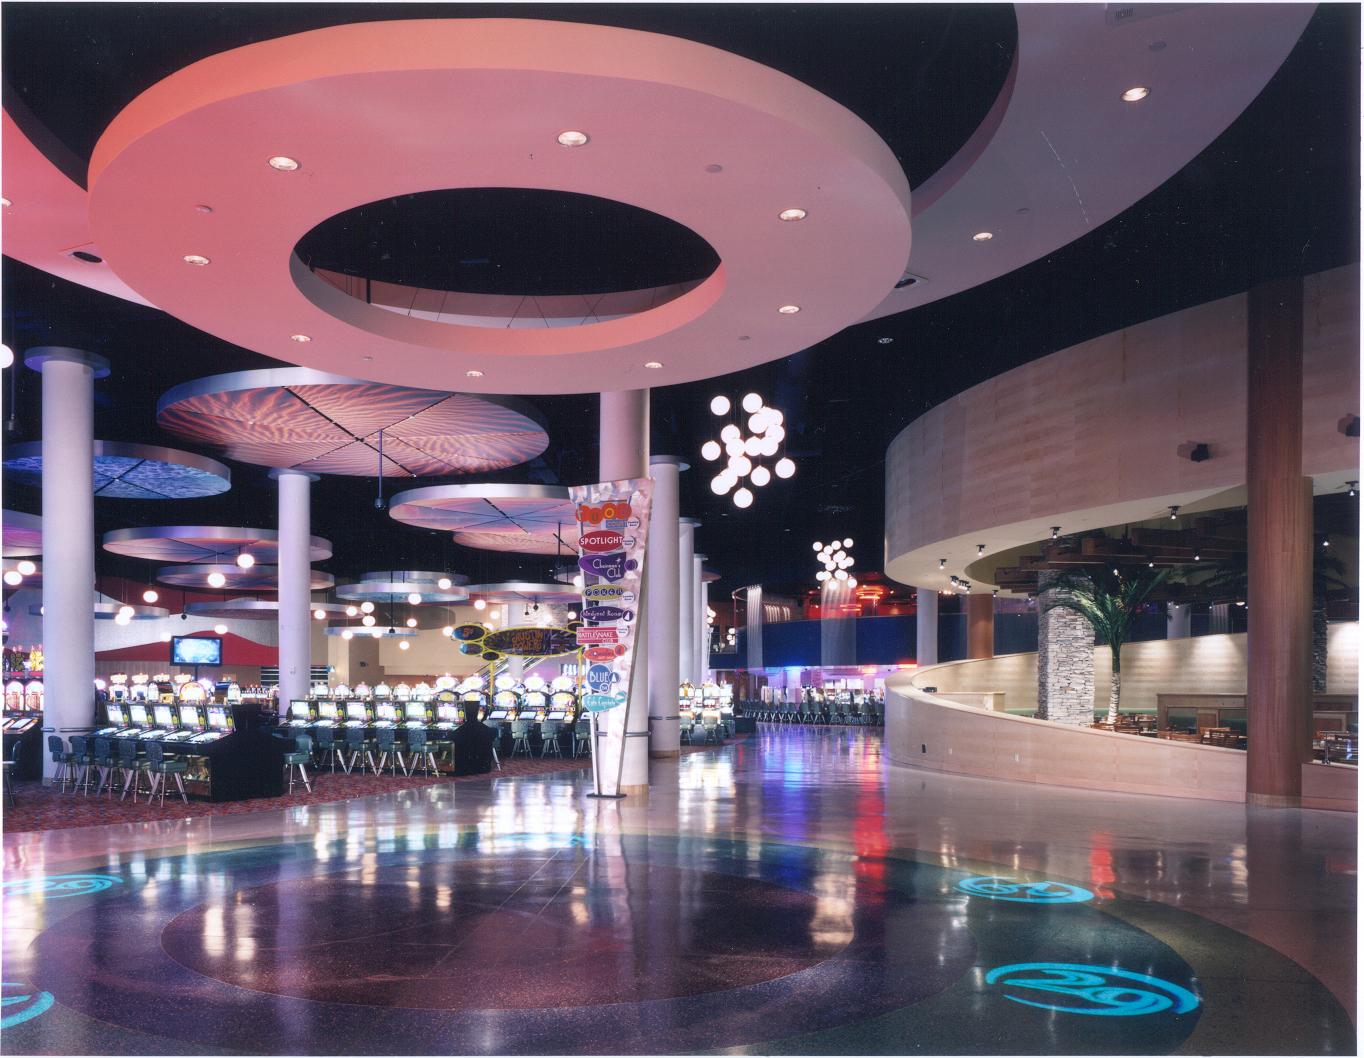 Trump 29 Casino, Indio CA   with Andrea Piacentini design